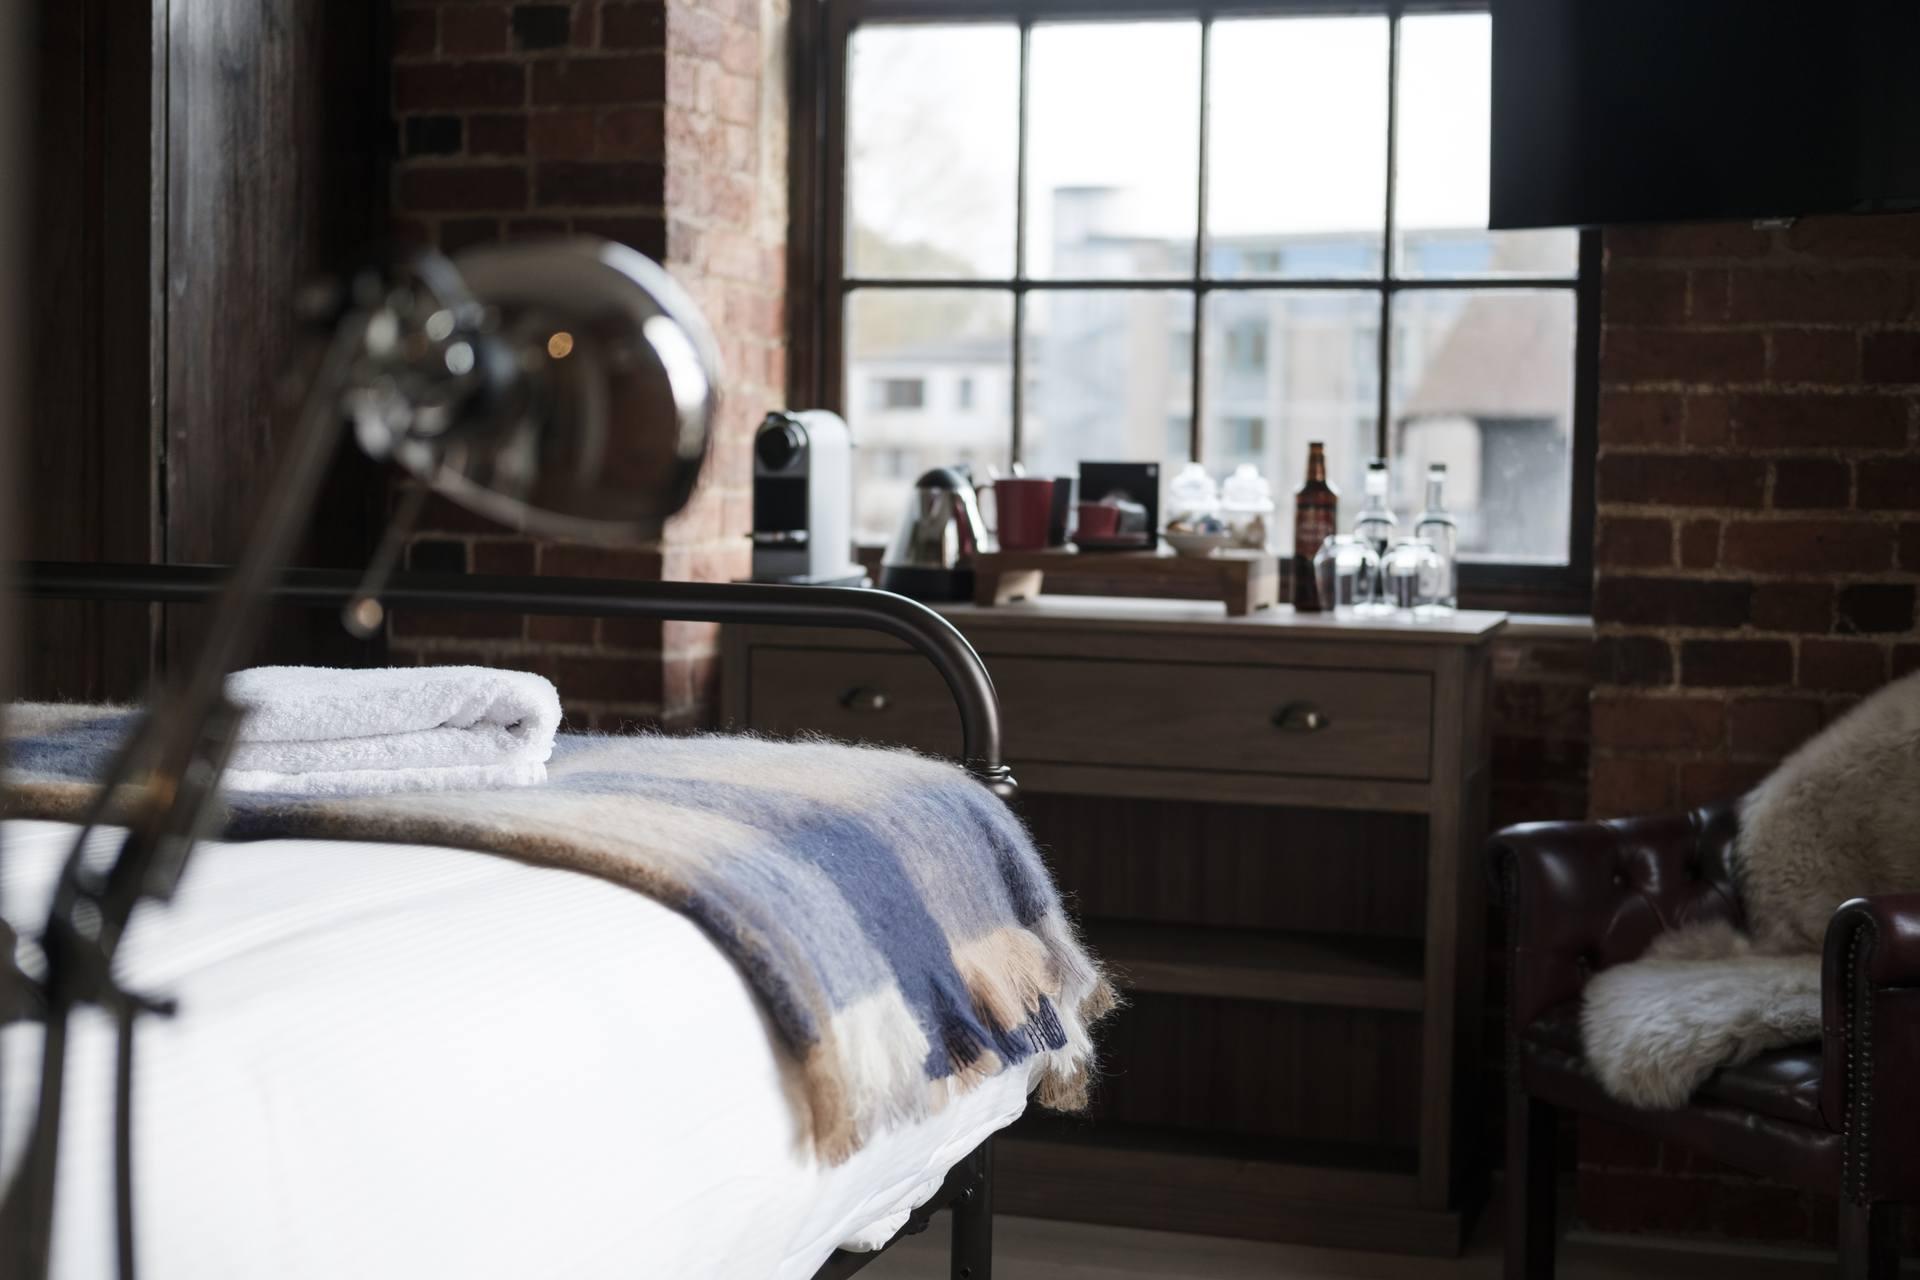 The Head of the River Restaurant, Pub & Bar Oxford - Comfy Bedroom